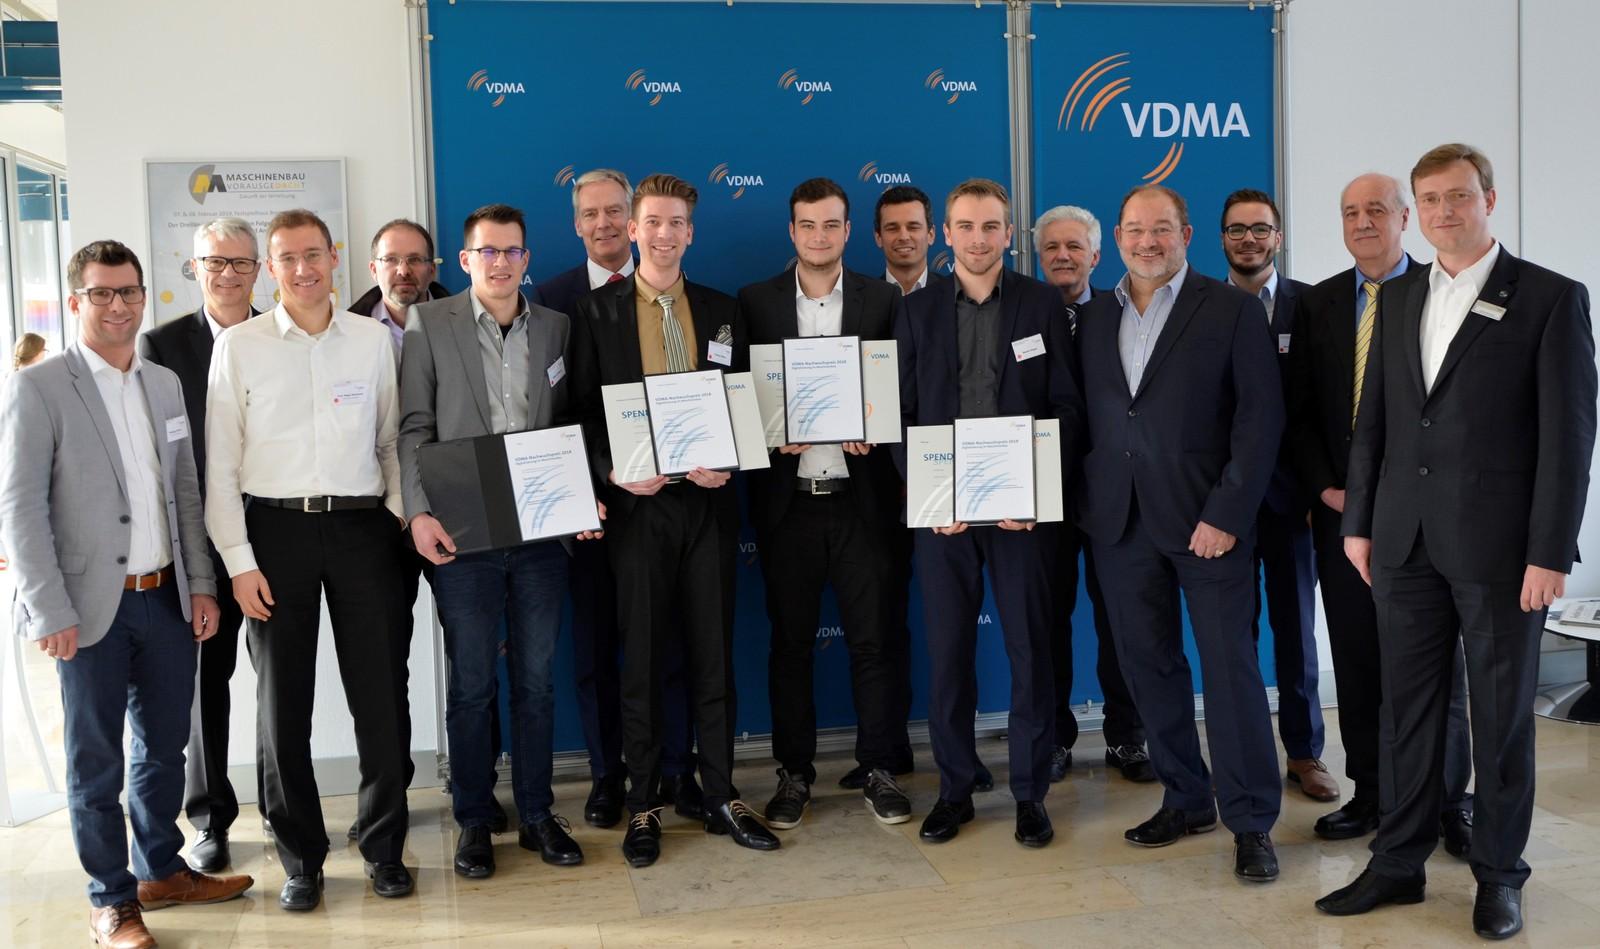 Preisträger des Nachwuchspreises für Digitalisierung für Studenten: (1. Reihe von links nach rechts): Nikolai Killguss, Tobias Sohny, Marco Steck, Martin Degel